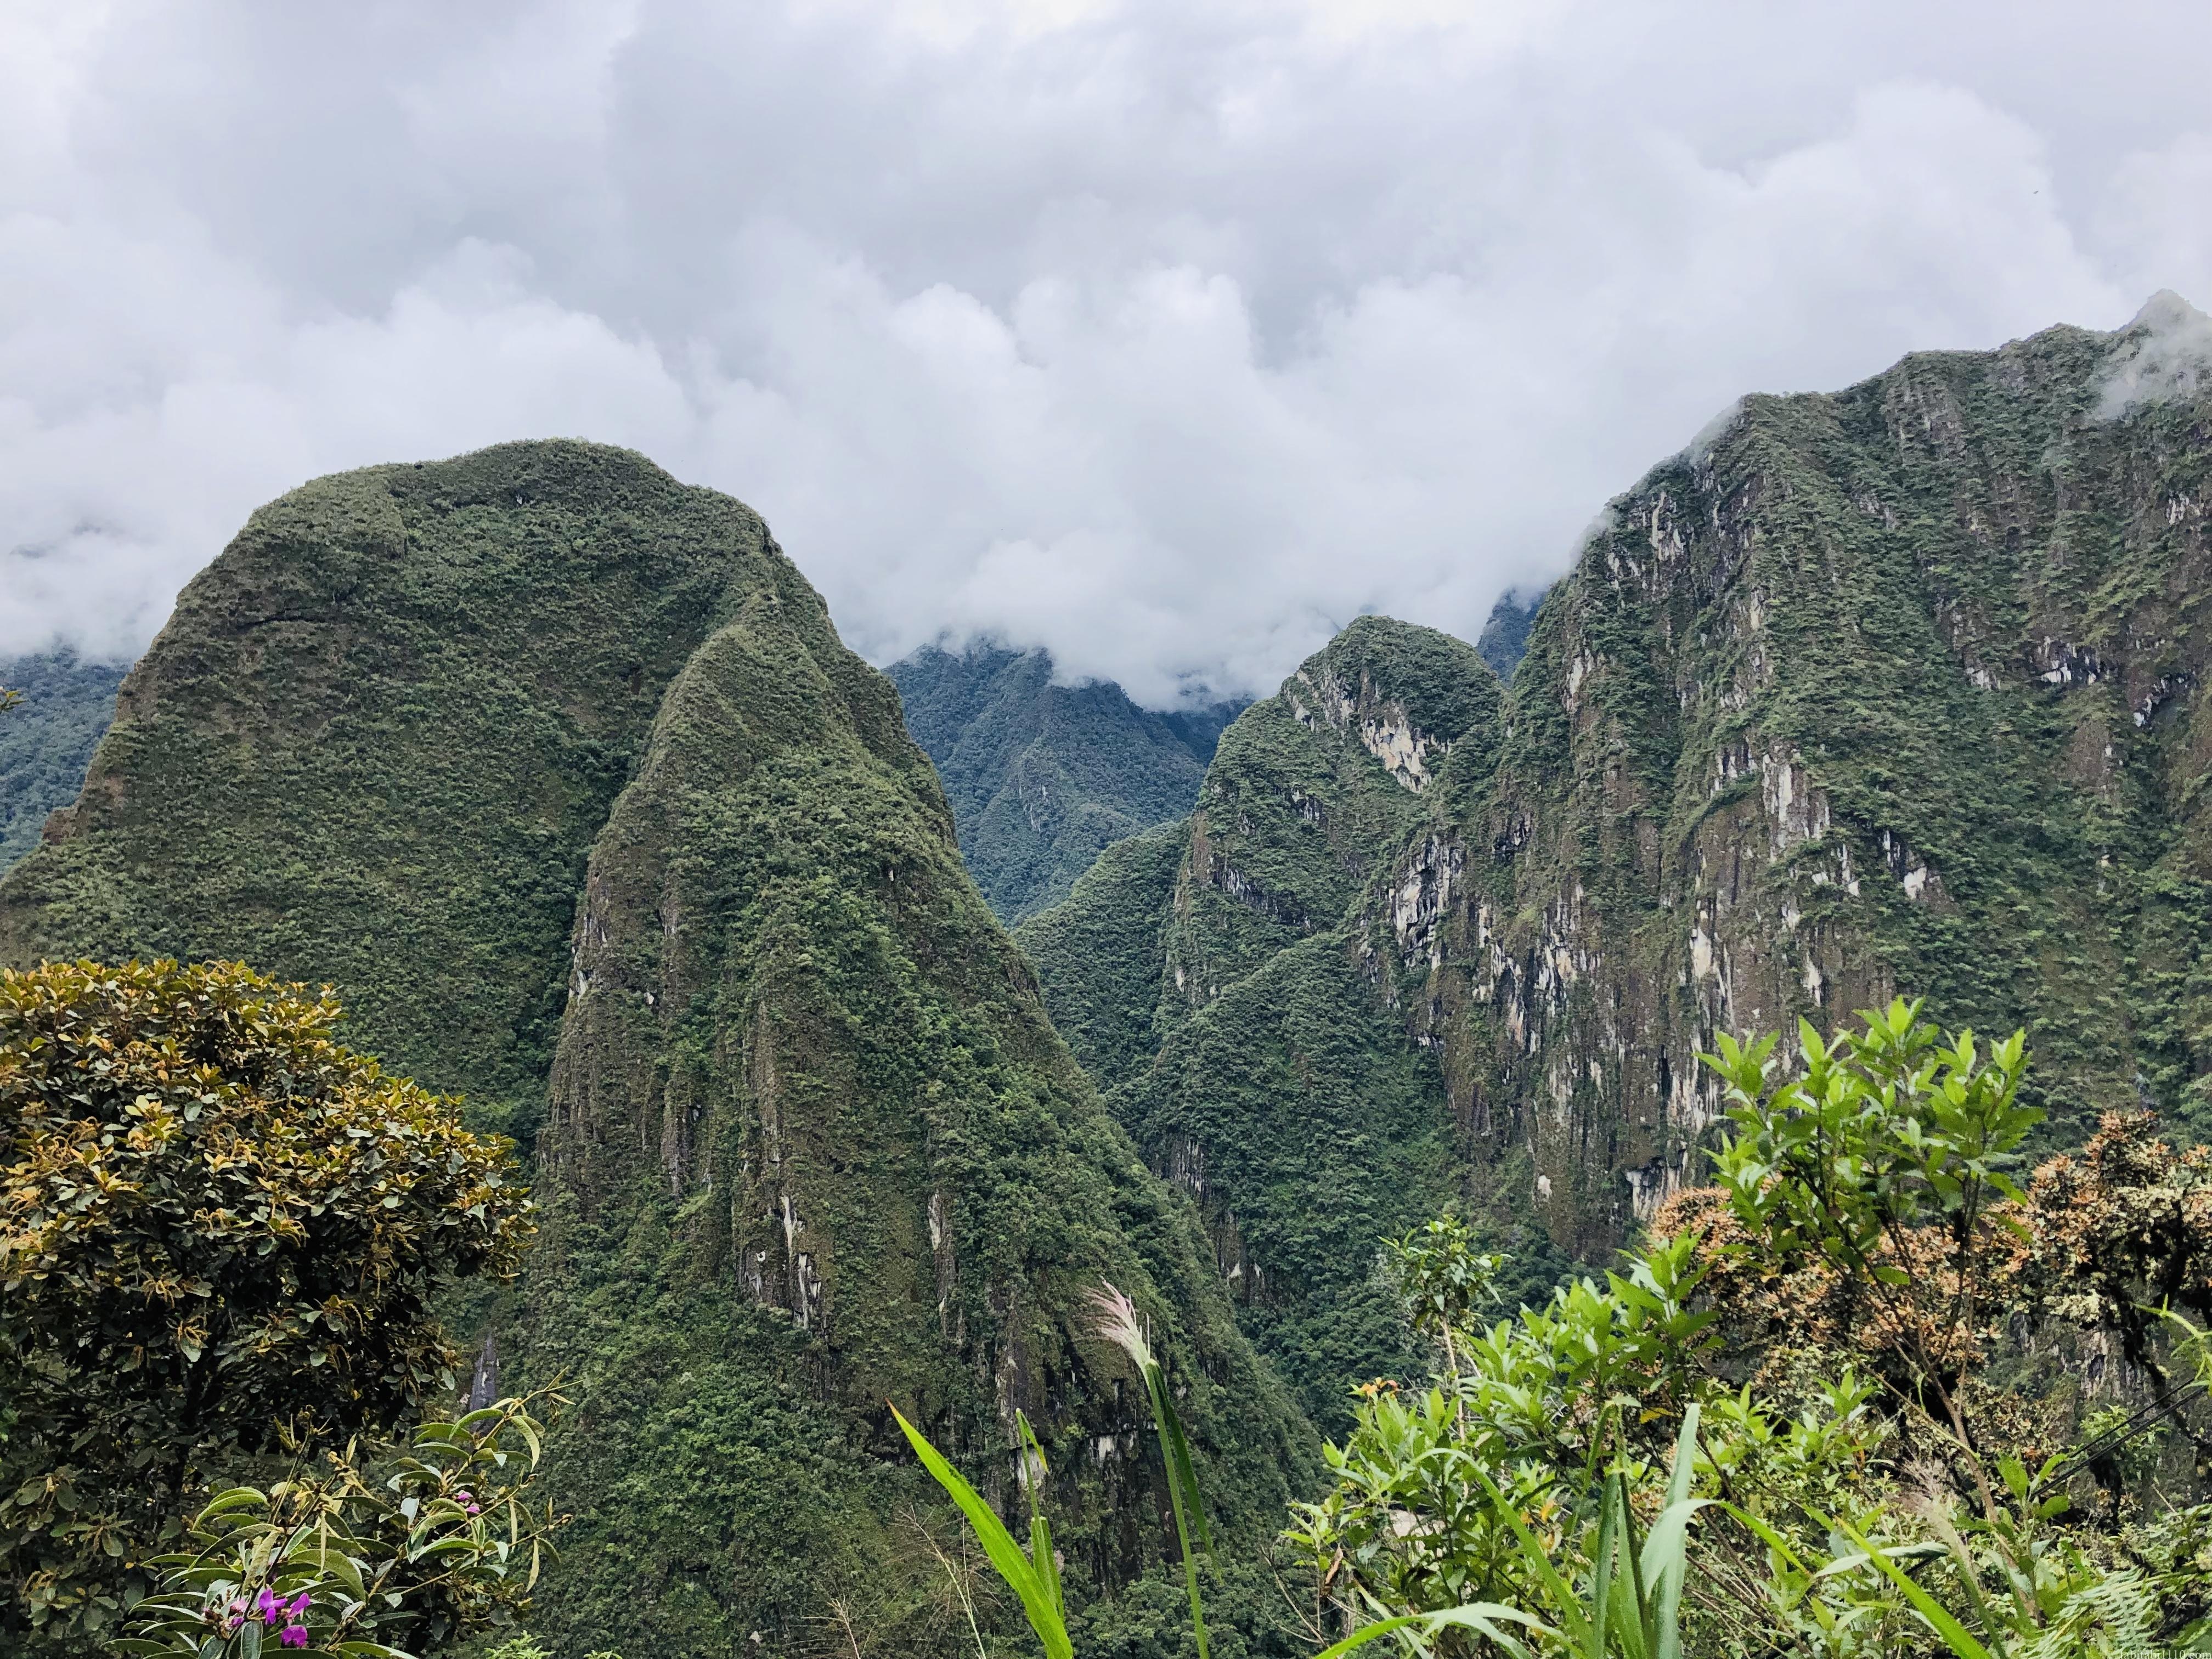 マチュピチュ村からマチュピチュへの登山中の景色